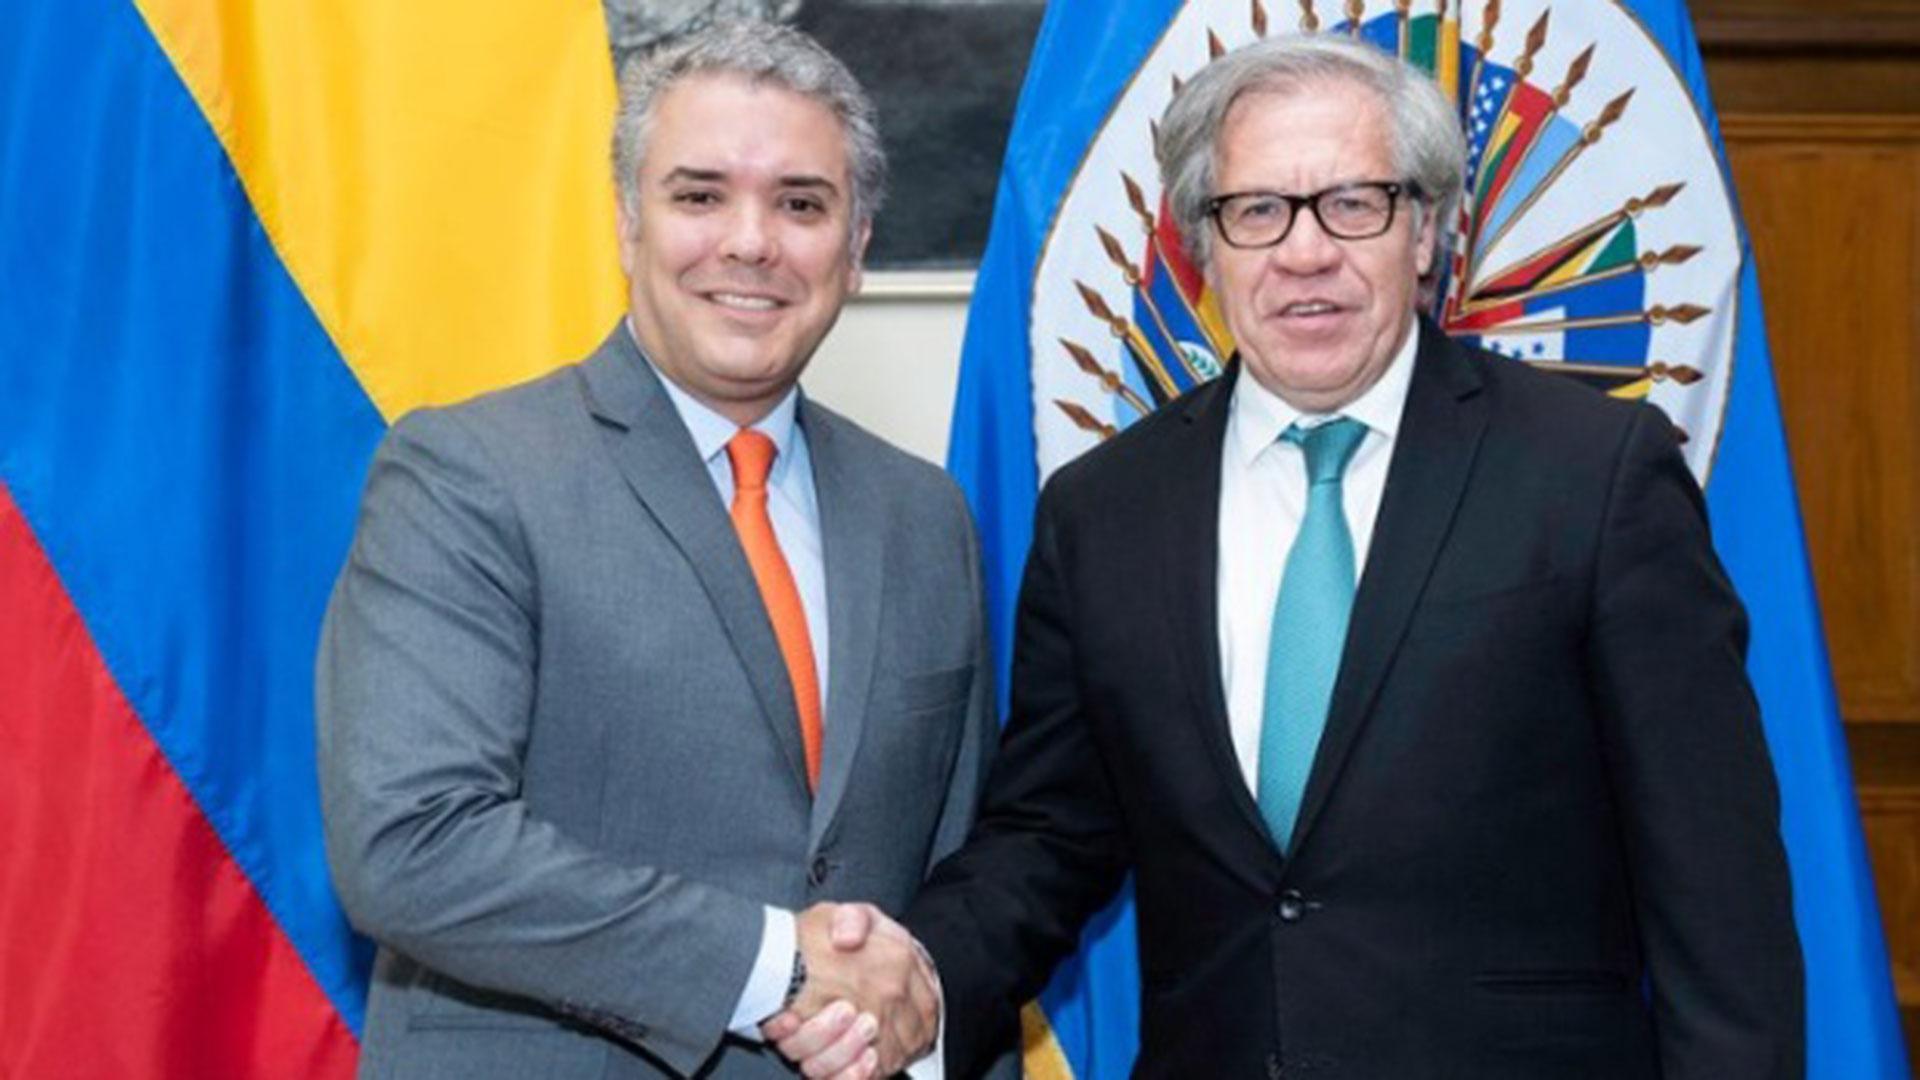 El presidente electo de Colombia, Iván Duque, y el secretario general de la OEA, Luis Almagro, se verán este jueves de nuevo